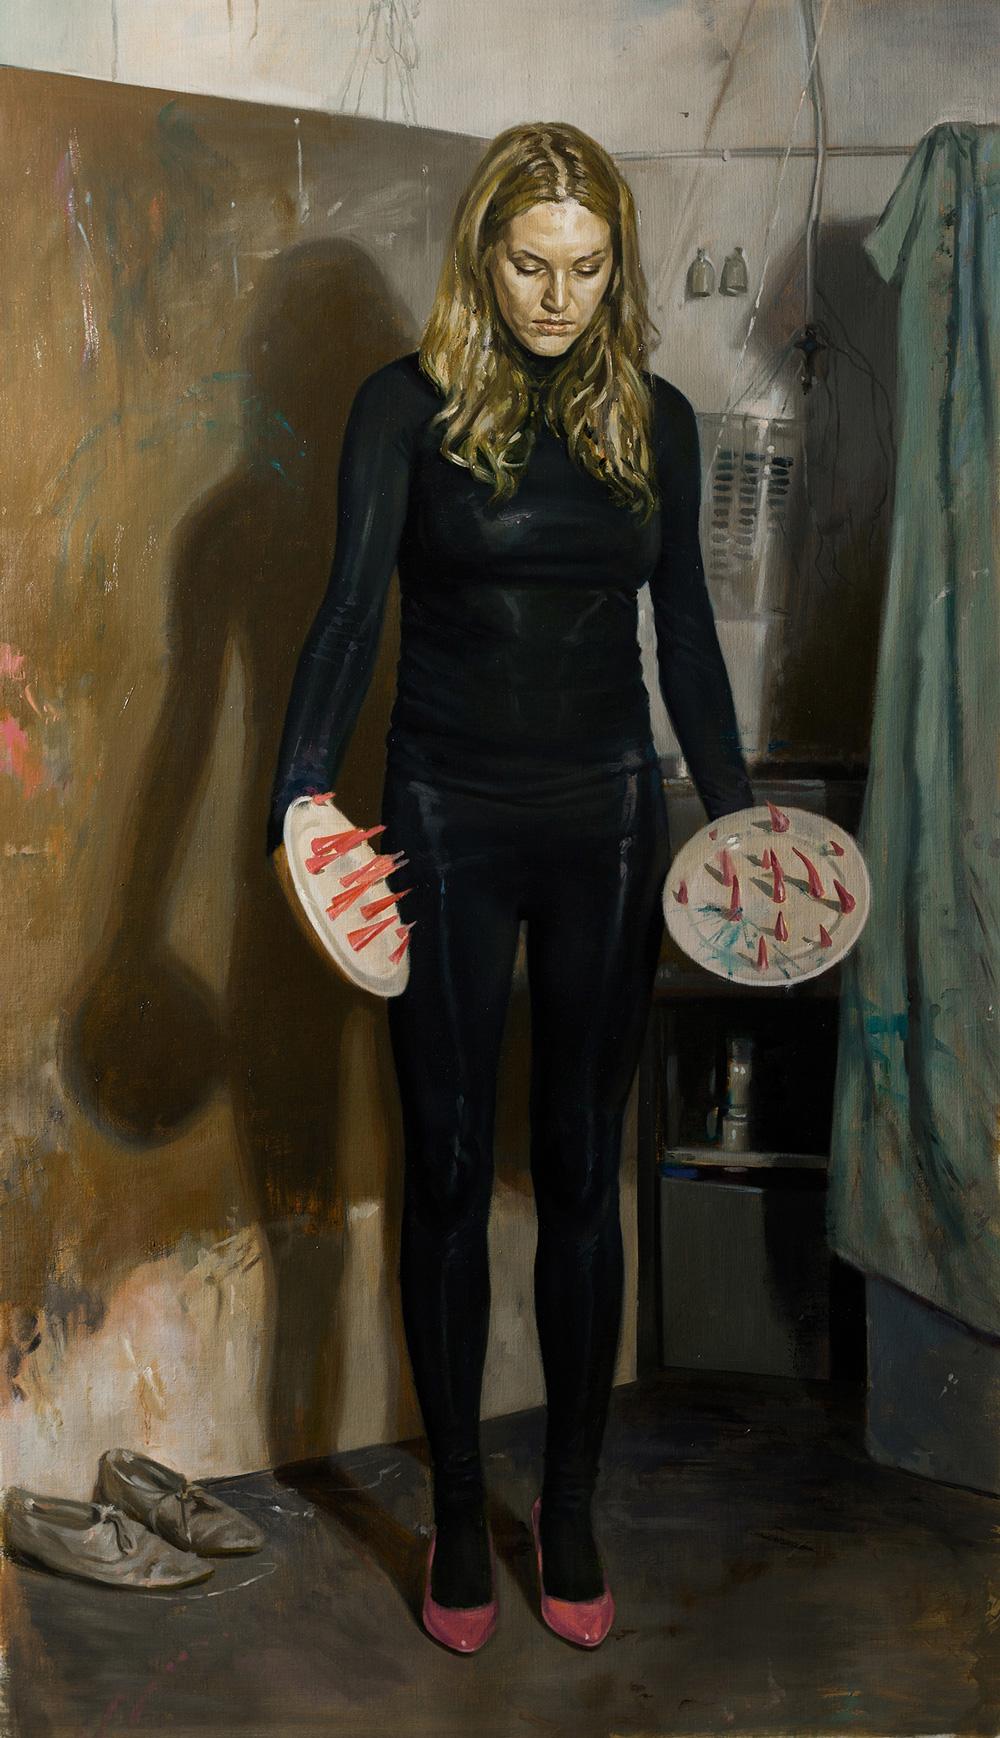 The finish girl, 2013, oil on linen, 130 x 74,5 cm